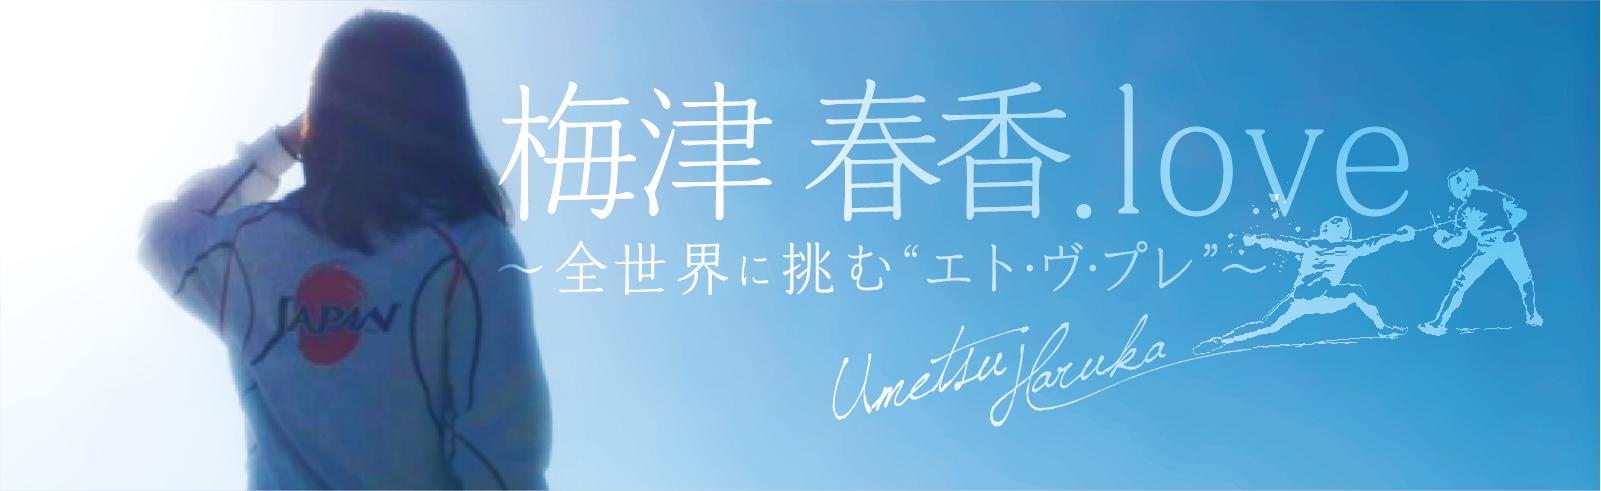 フェンシング女子フルーレ日本代表、梅津春香オリンピックへの挑戦